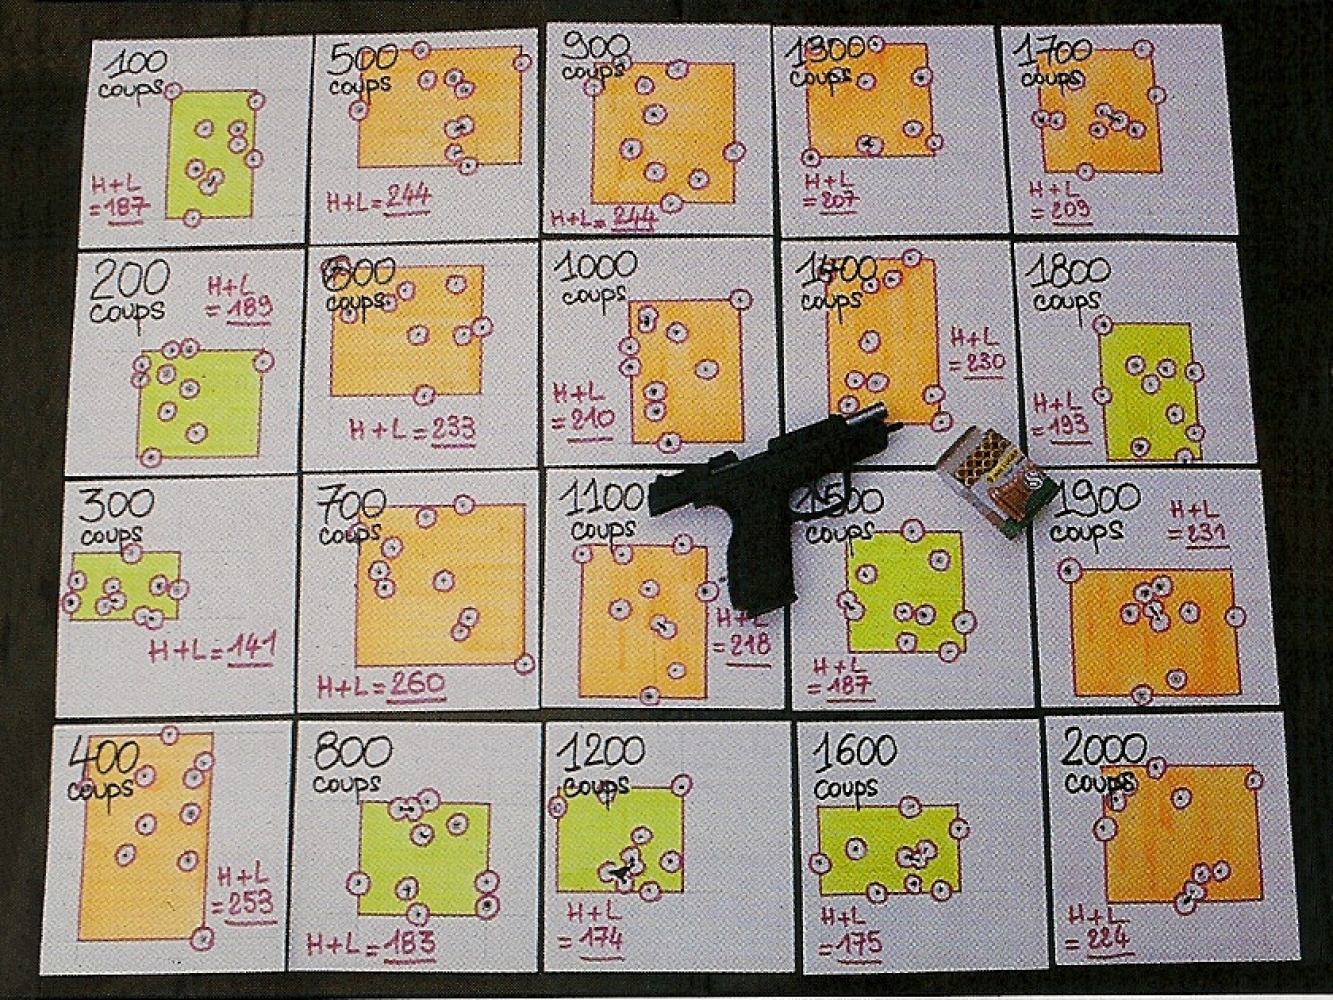 Le tir des 2000 cartouches est effectué en séries rapides, le jeu consistant le plus souvent à vider les deux chargeurs de 13 coups le plus vite possible. Le canon dispose ensuite de quelques minutes pour refroidir, le temps pour nous de regarnir les deux chargeurs. Tous les 90 coups, nous réalisons un groupement de 10 coups tirés sur appui à 25 mètres dans des cibles formées par des carrés blancs de 19 cm de côté.